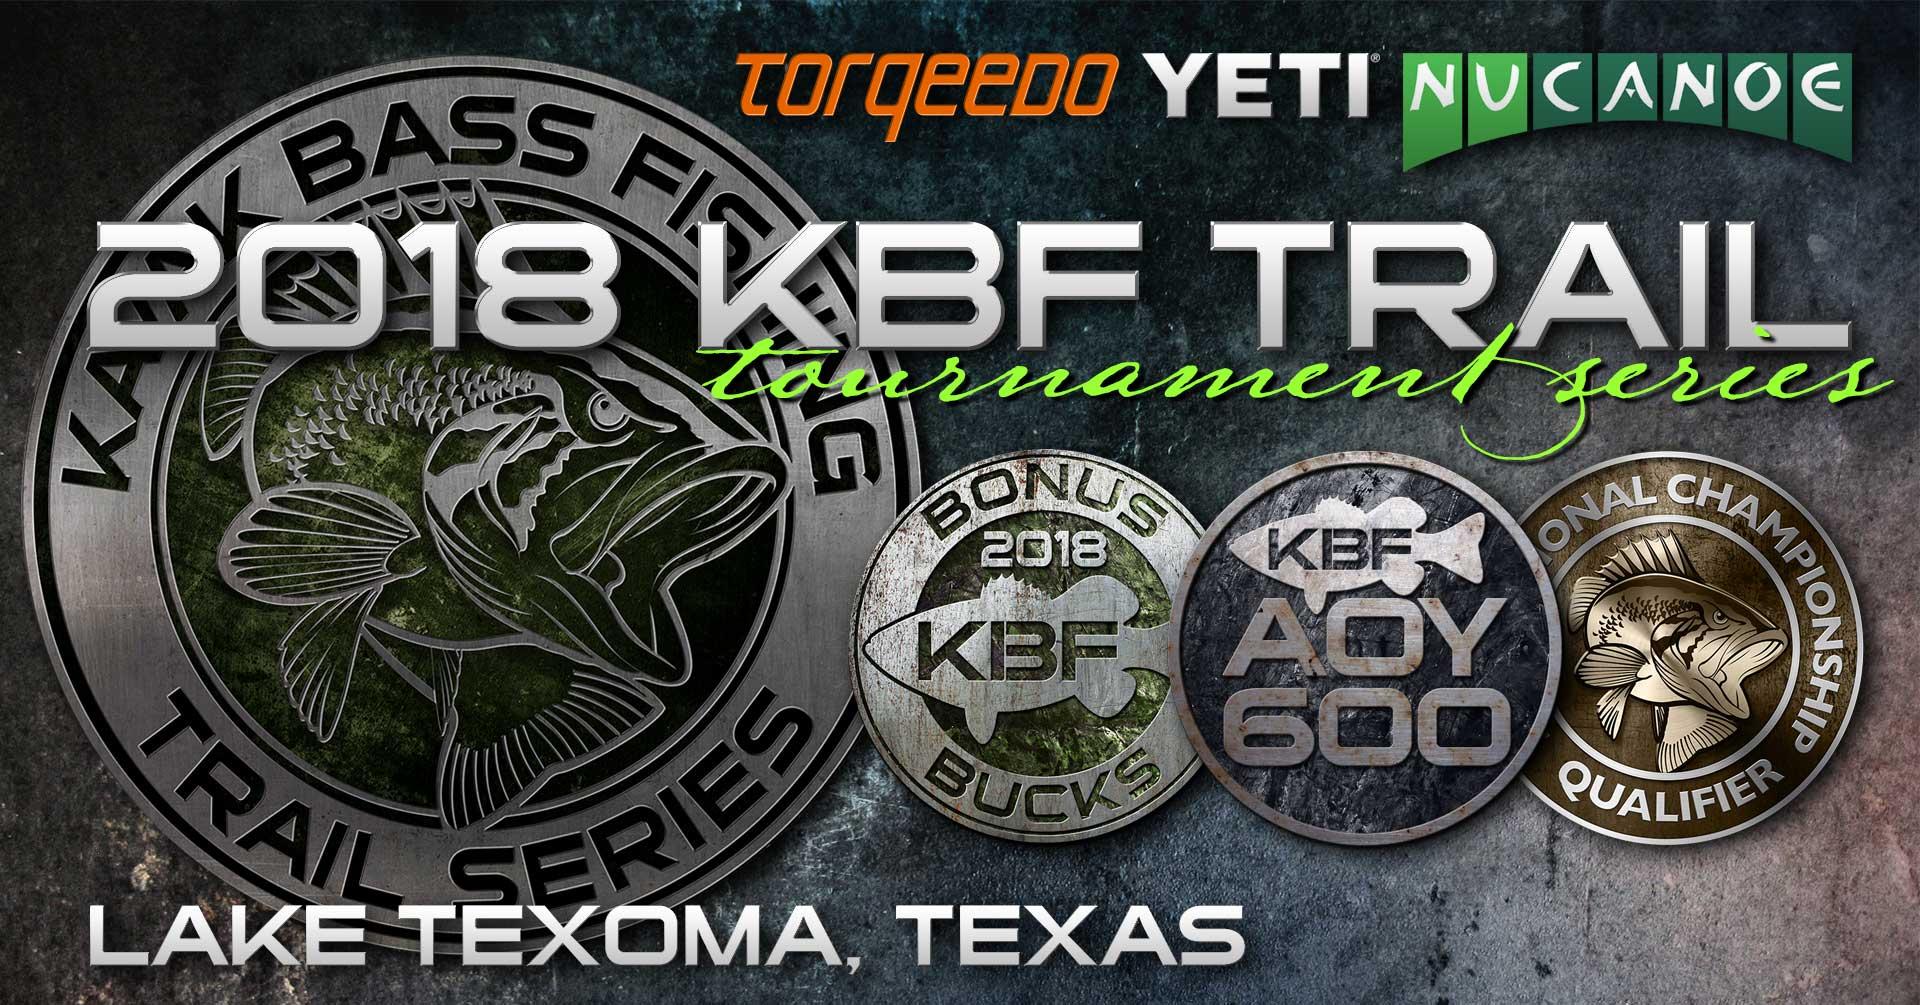 KBF TRAIL Series Tournament on Lake Texoma